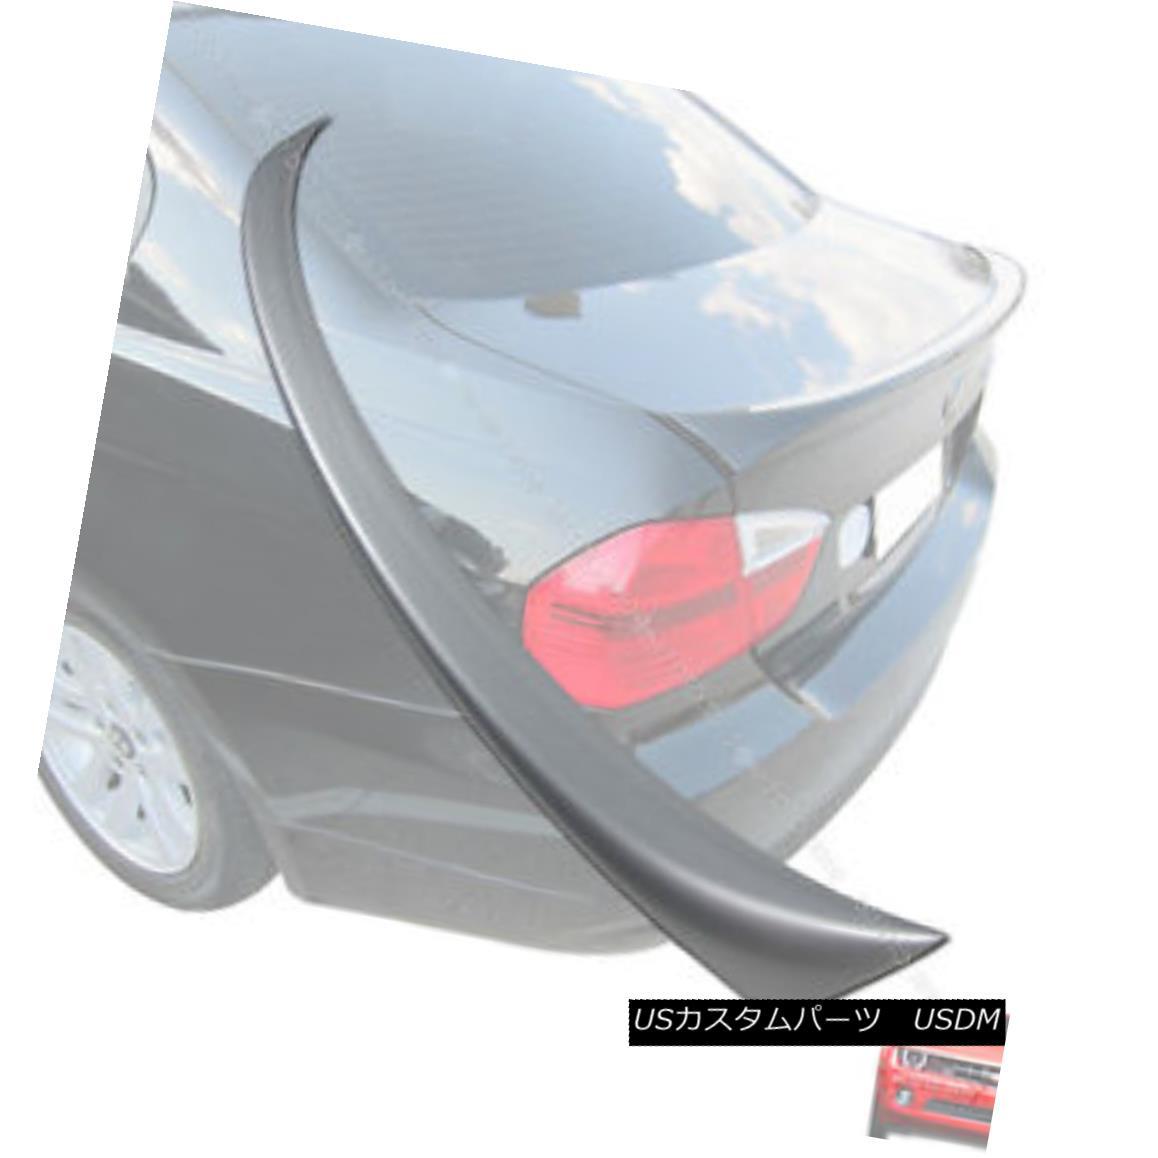 エアロパーツ Painted E90 BMW OE style 09 11 3-Series Boot Trunk Spoiler ペイントE90 BMW OEスタイル09 11 3シリーズBoot Trunk Spoiler